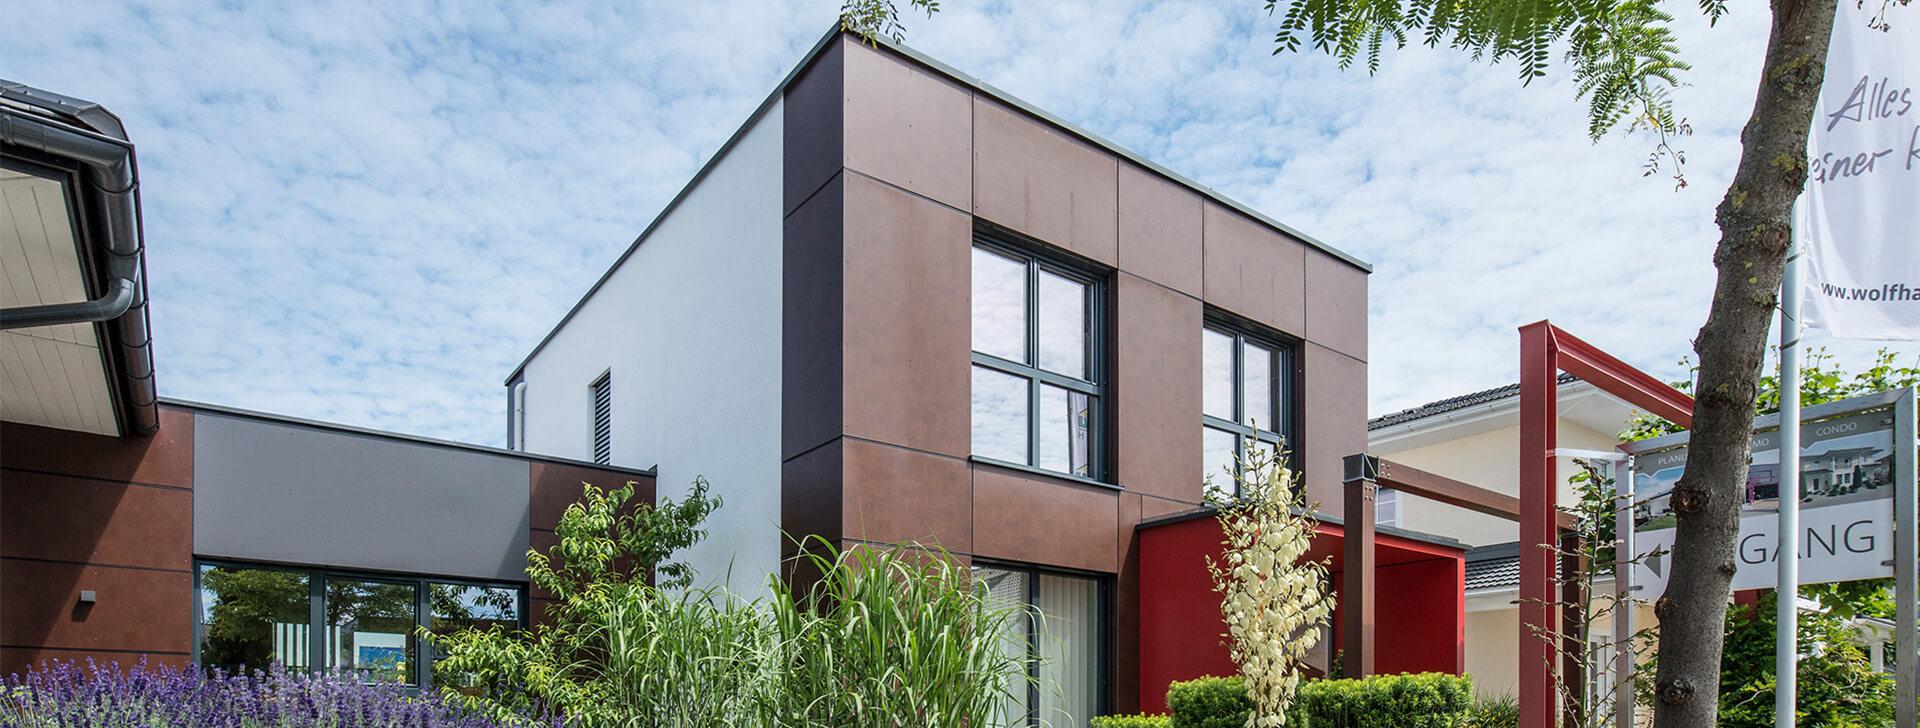 Wonderful WOLF Haus   Fertighaus Primo